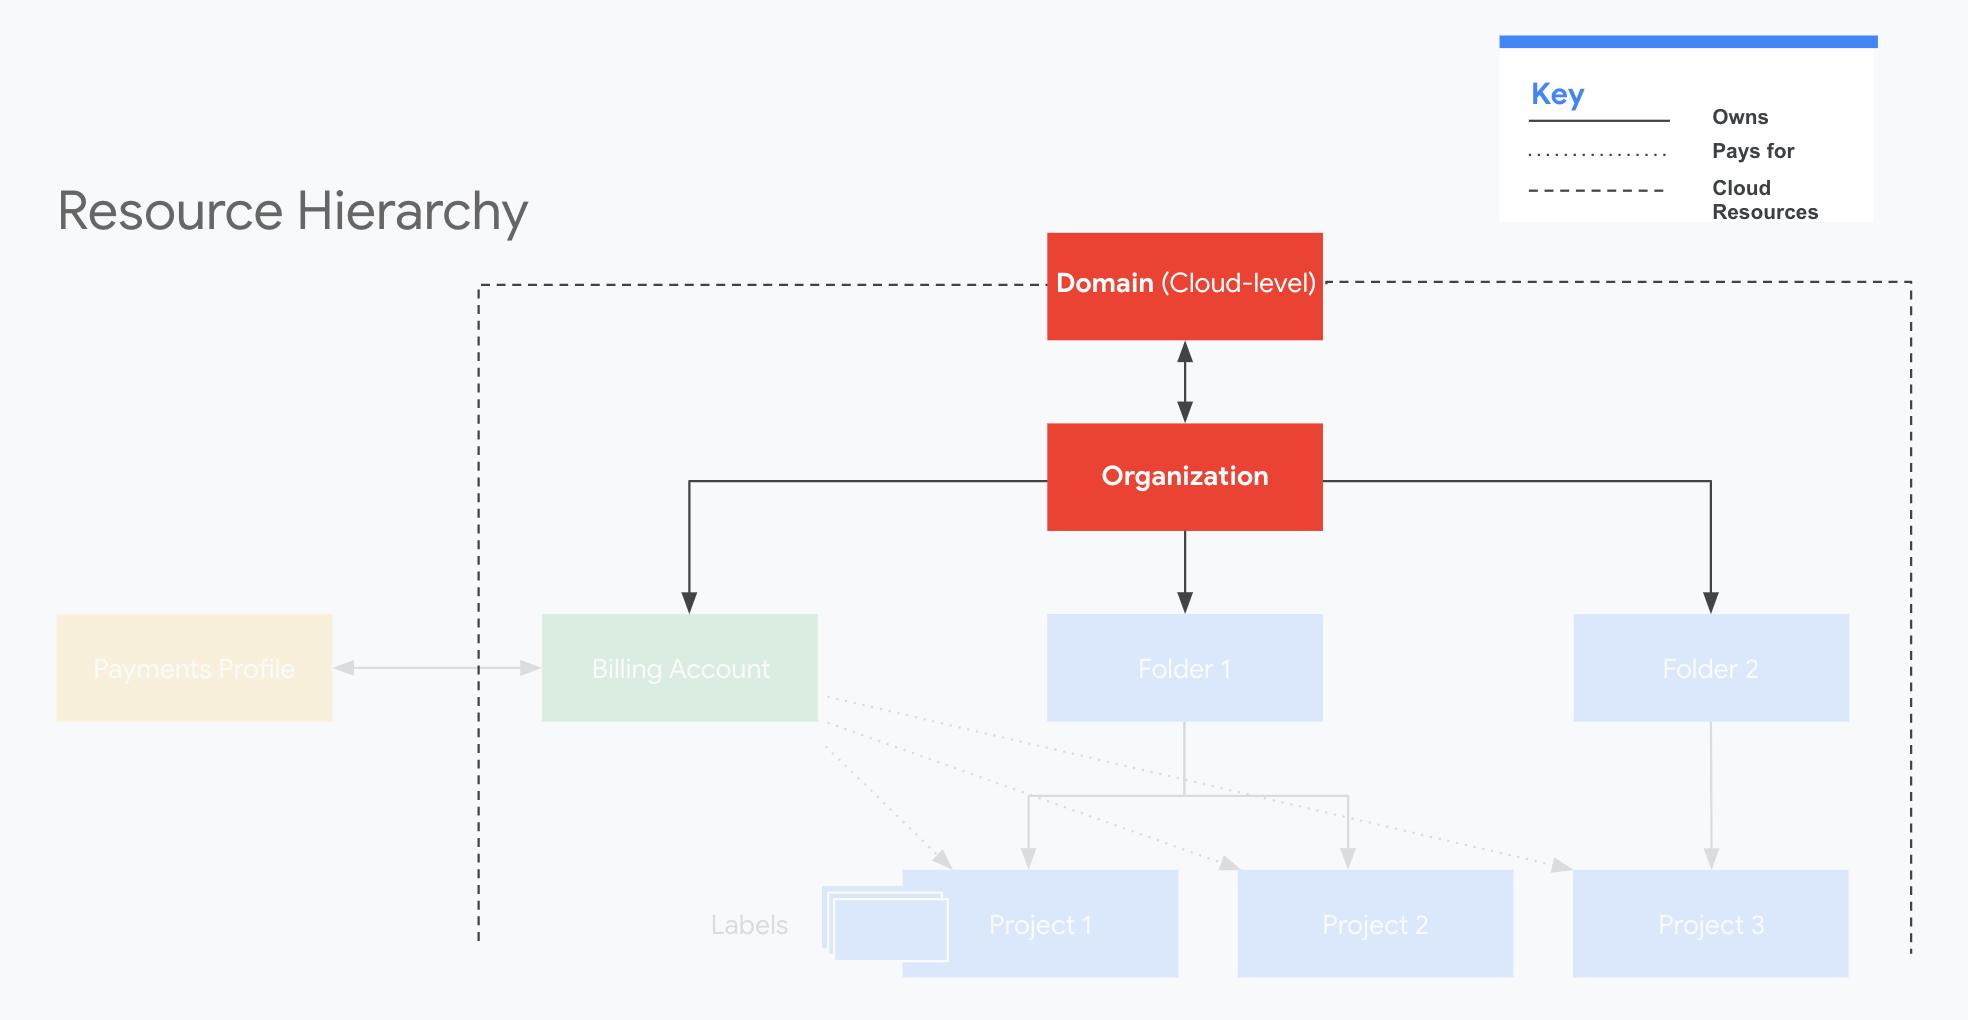 リソース階層におけるドメインと組織